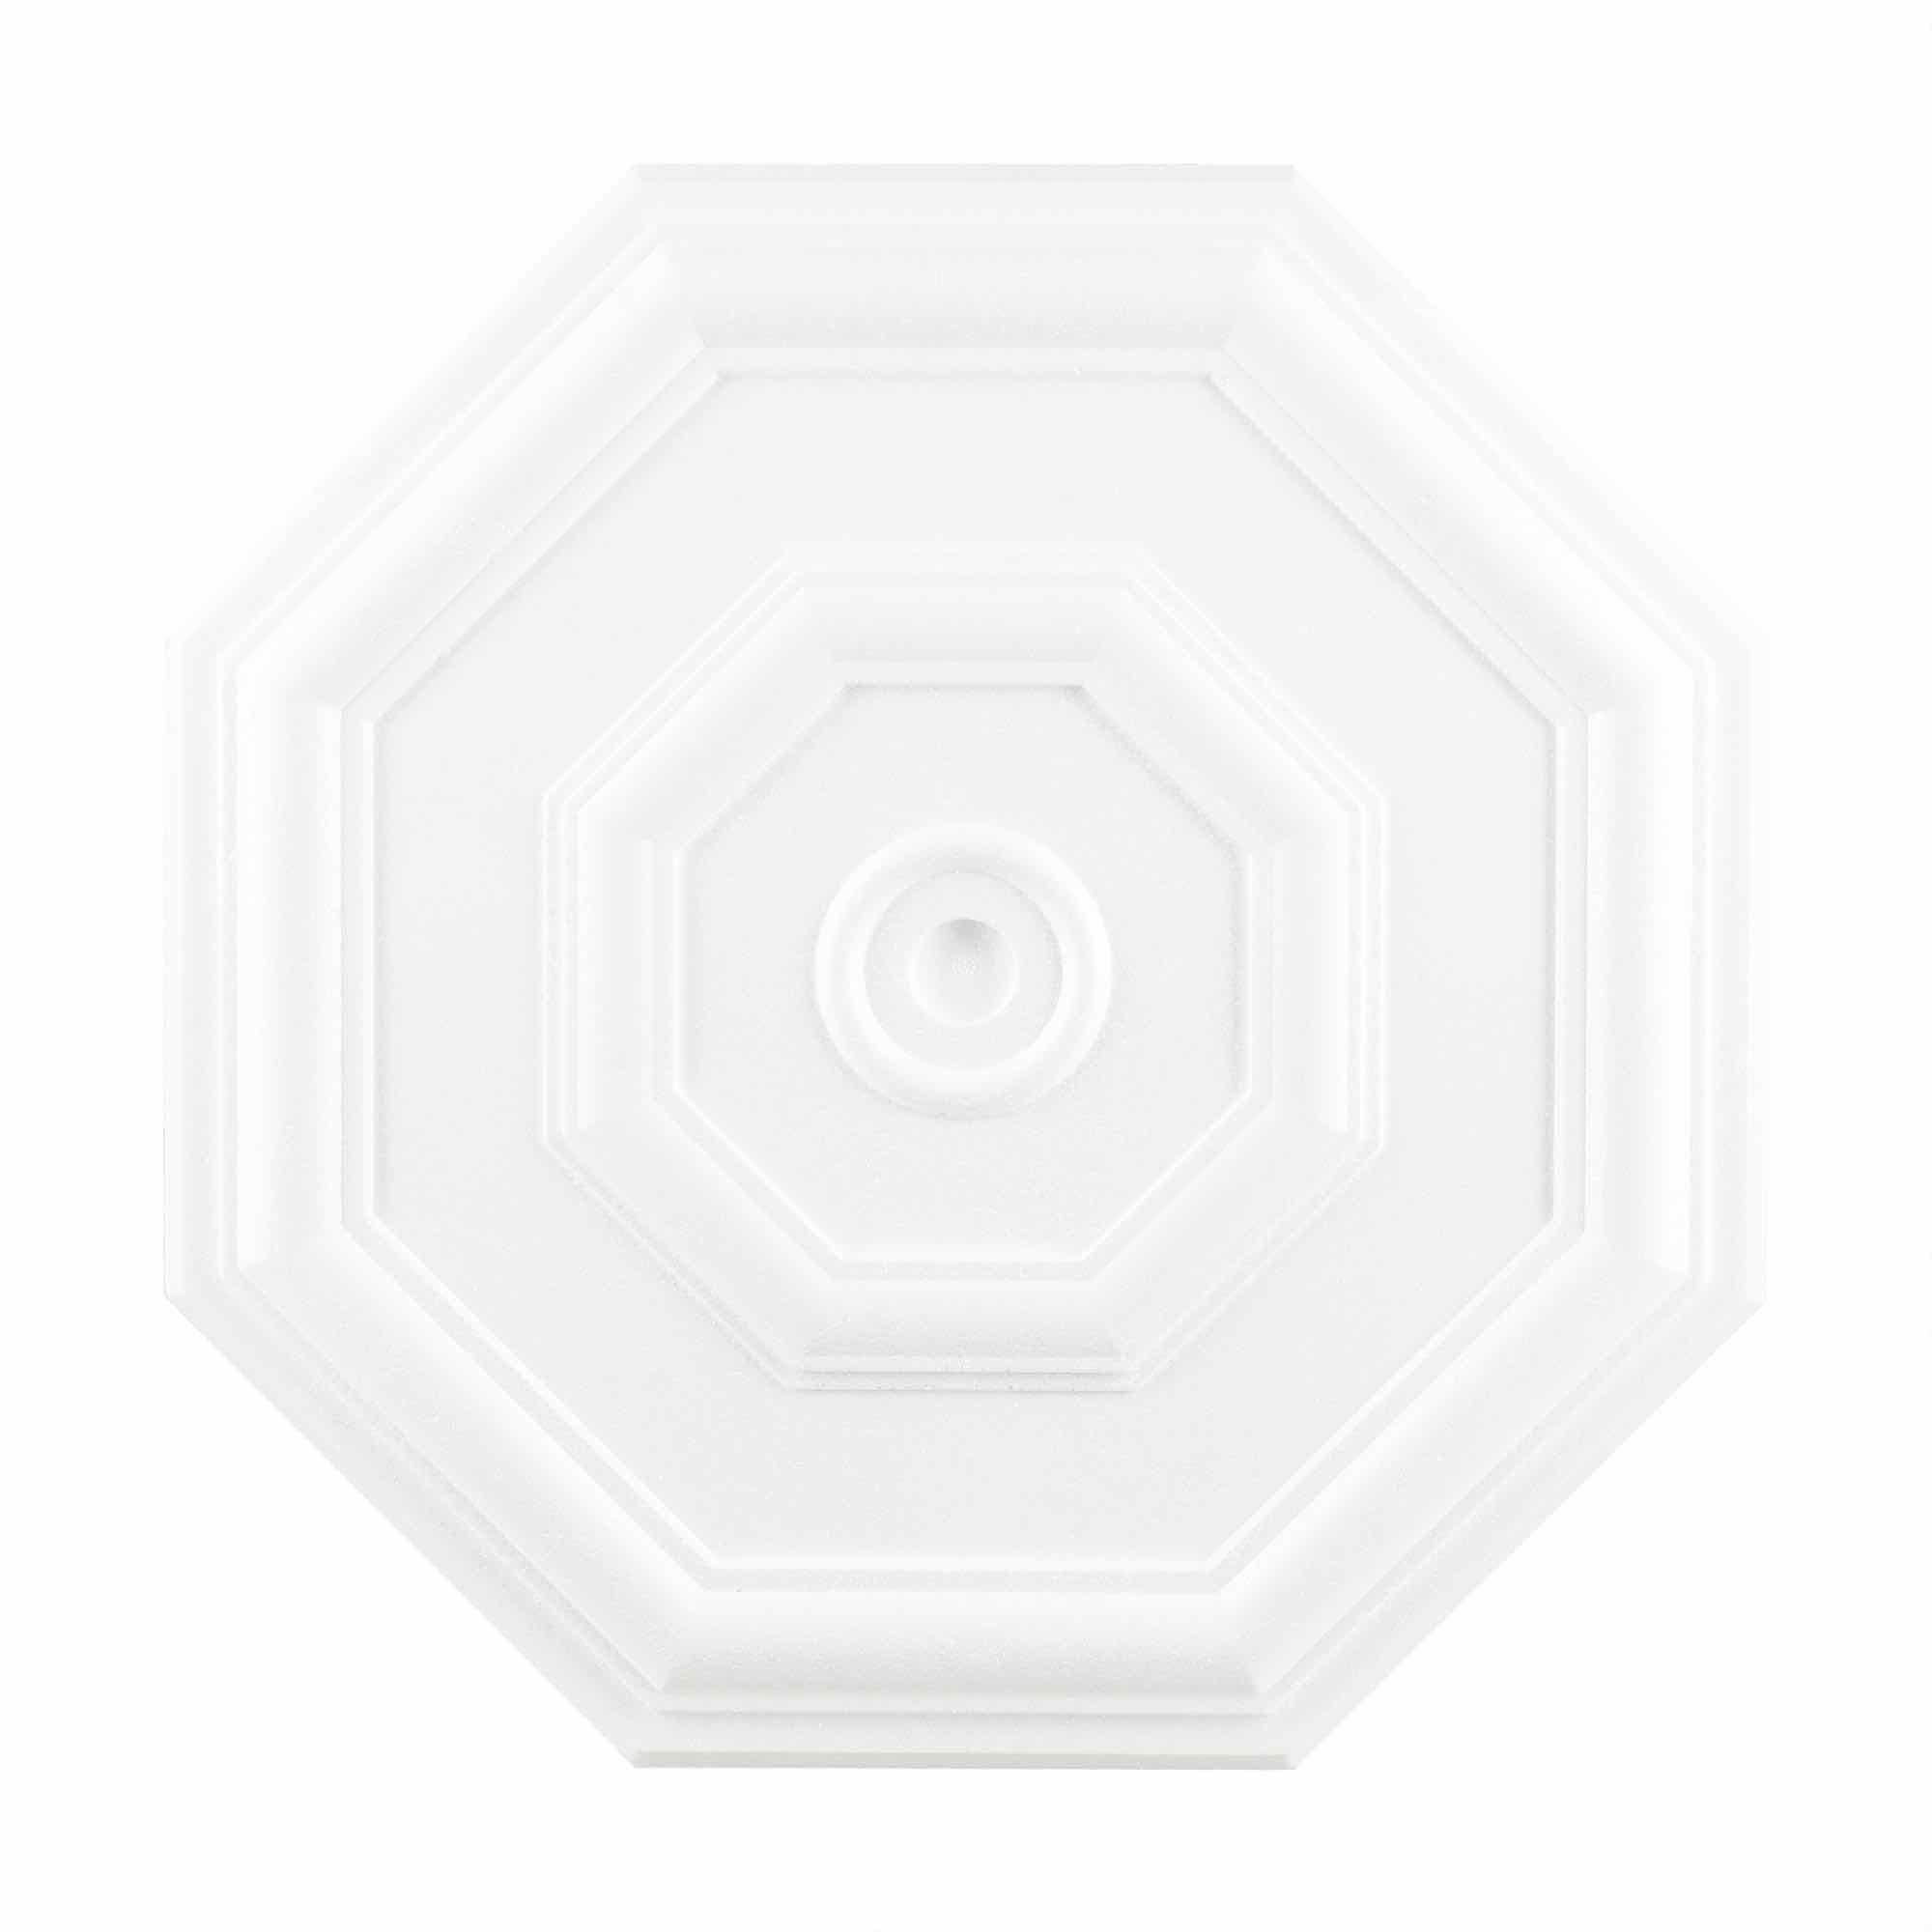 Rozeta polistiren expandat, forma octogonala, diametru 40 cm